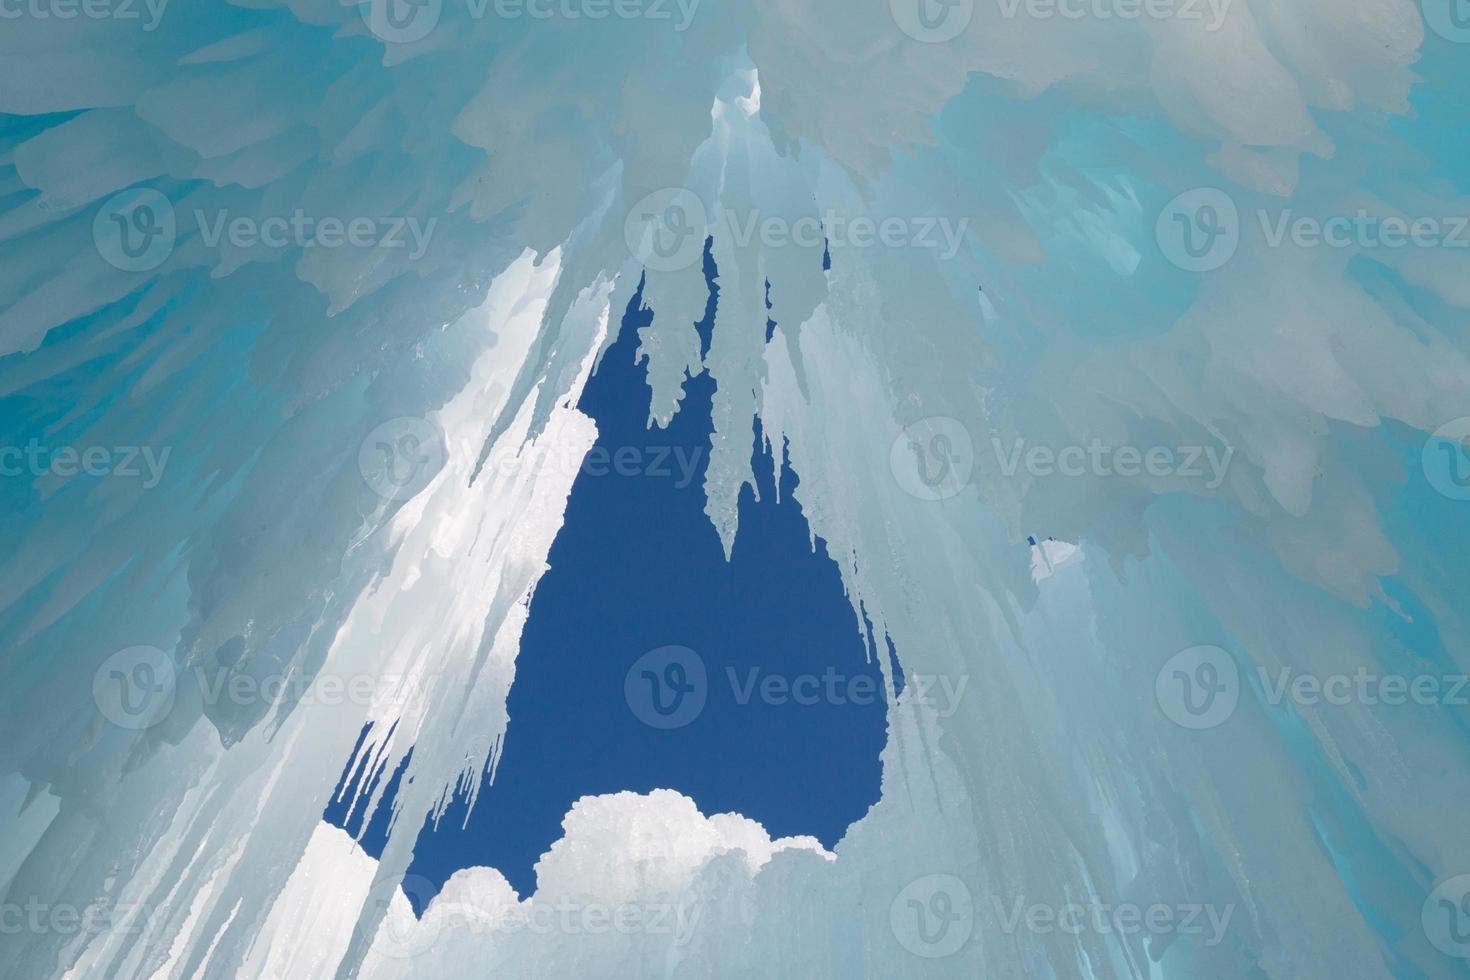 ghiaccioli pendono dal soffitto della grotta di ghiaccio foto